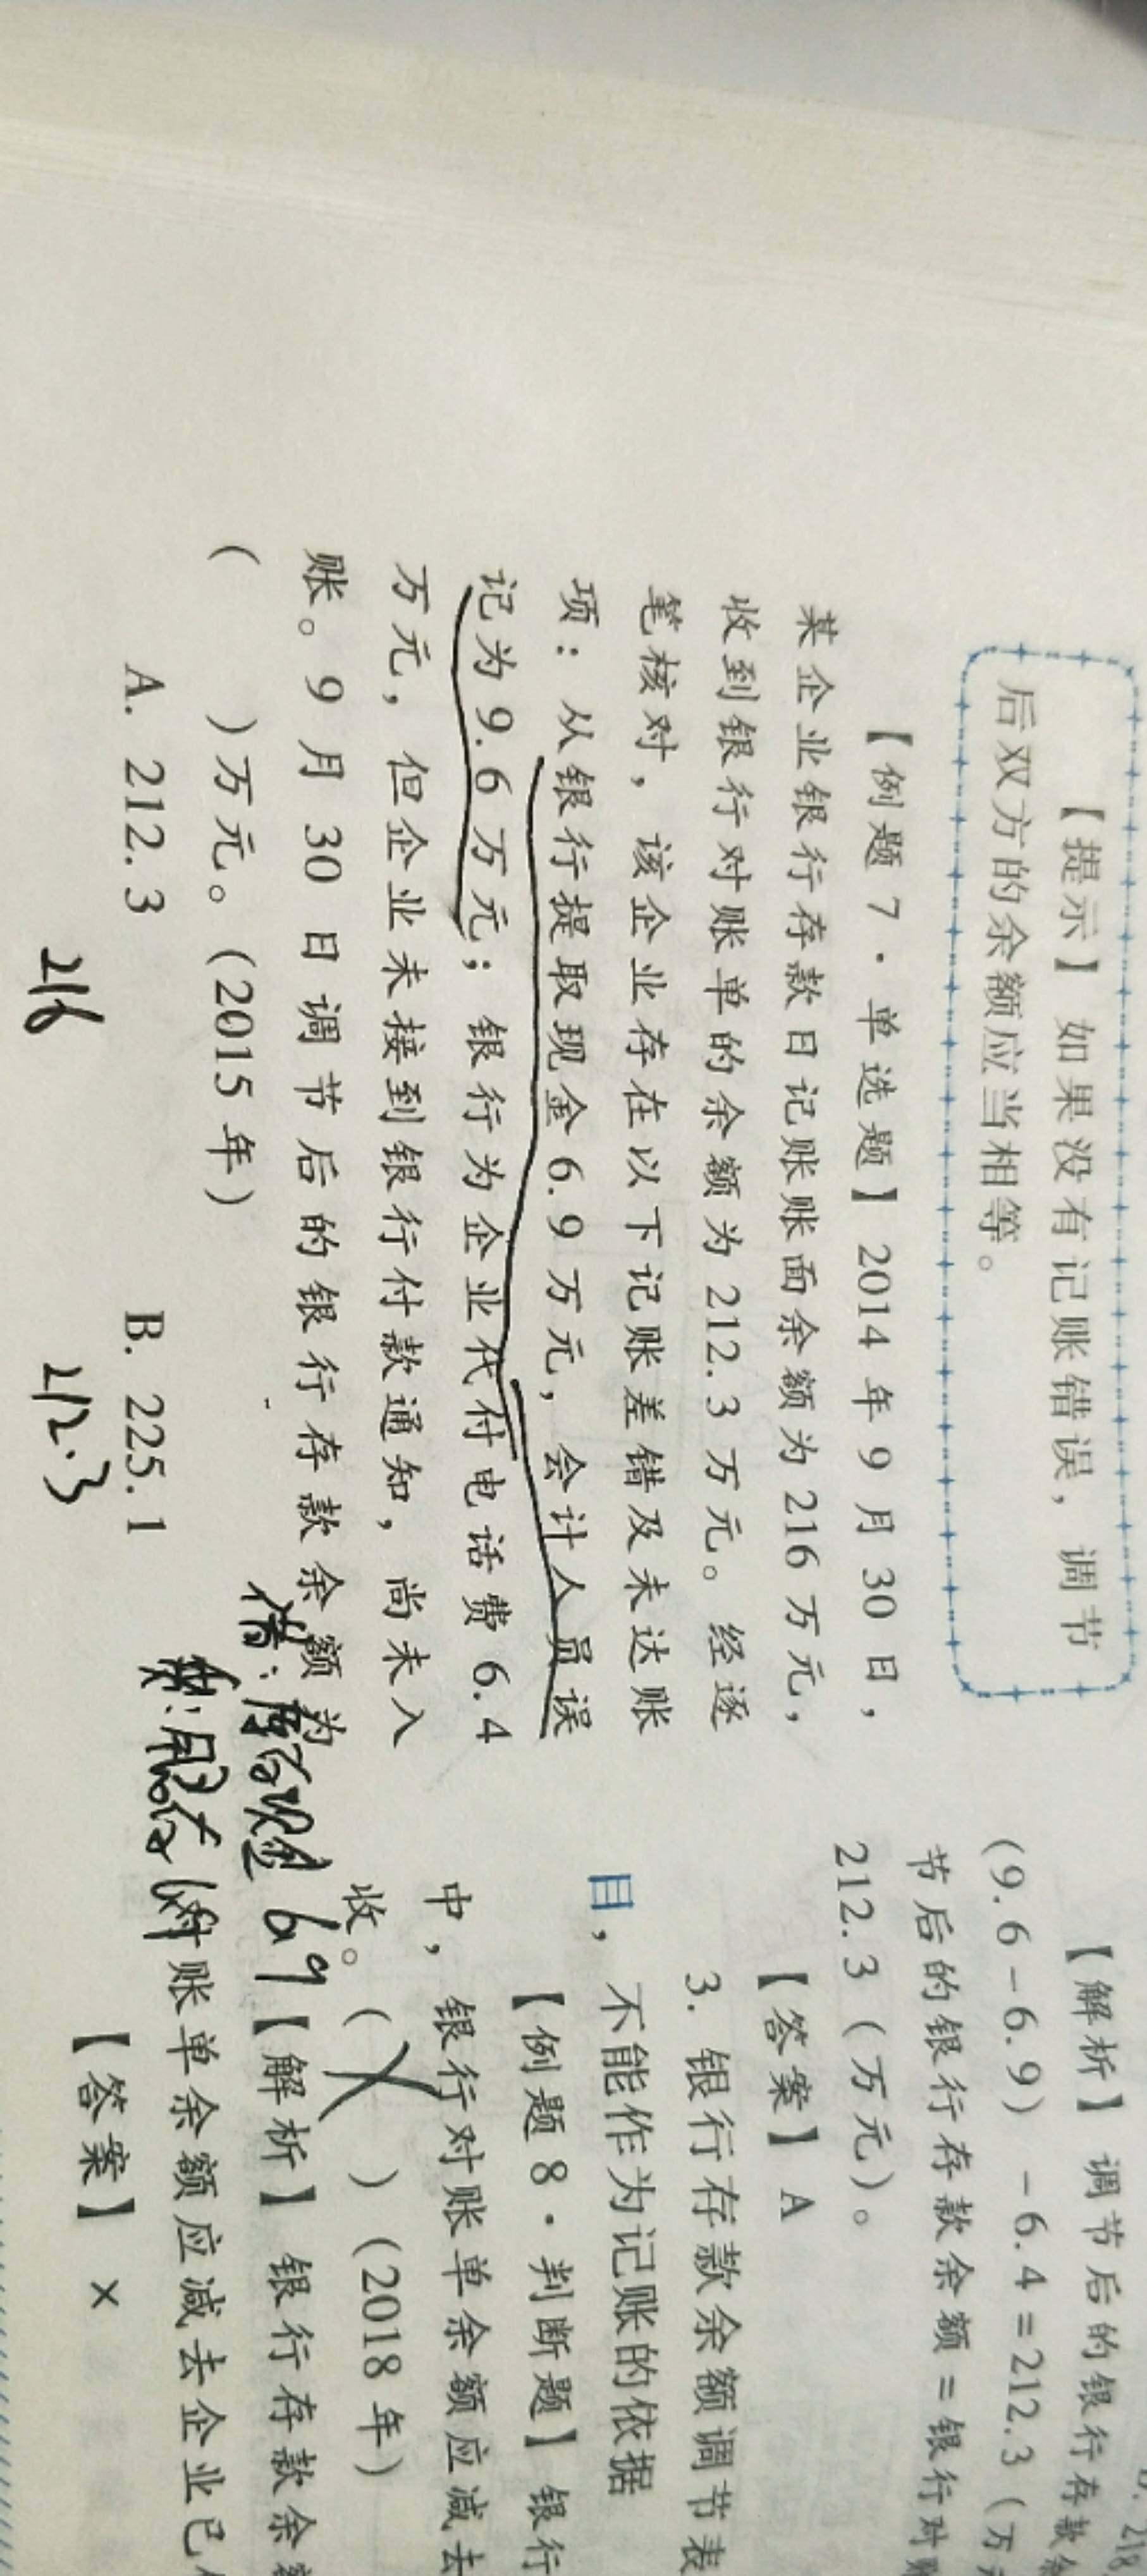 老师,这题没明白为什么用216加9.6减6.9